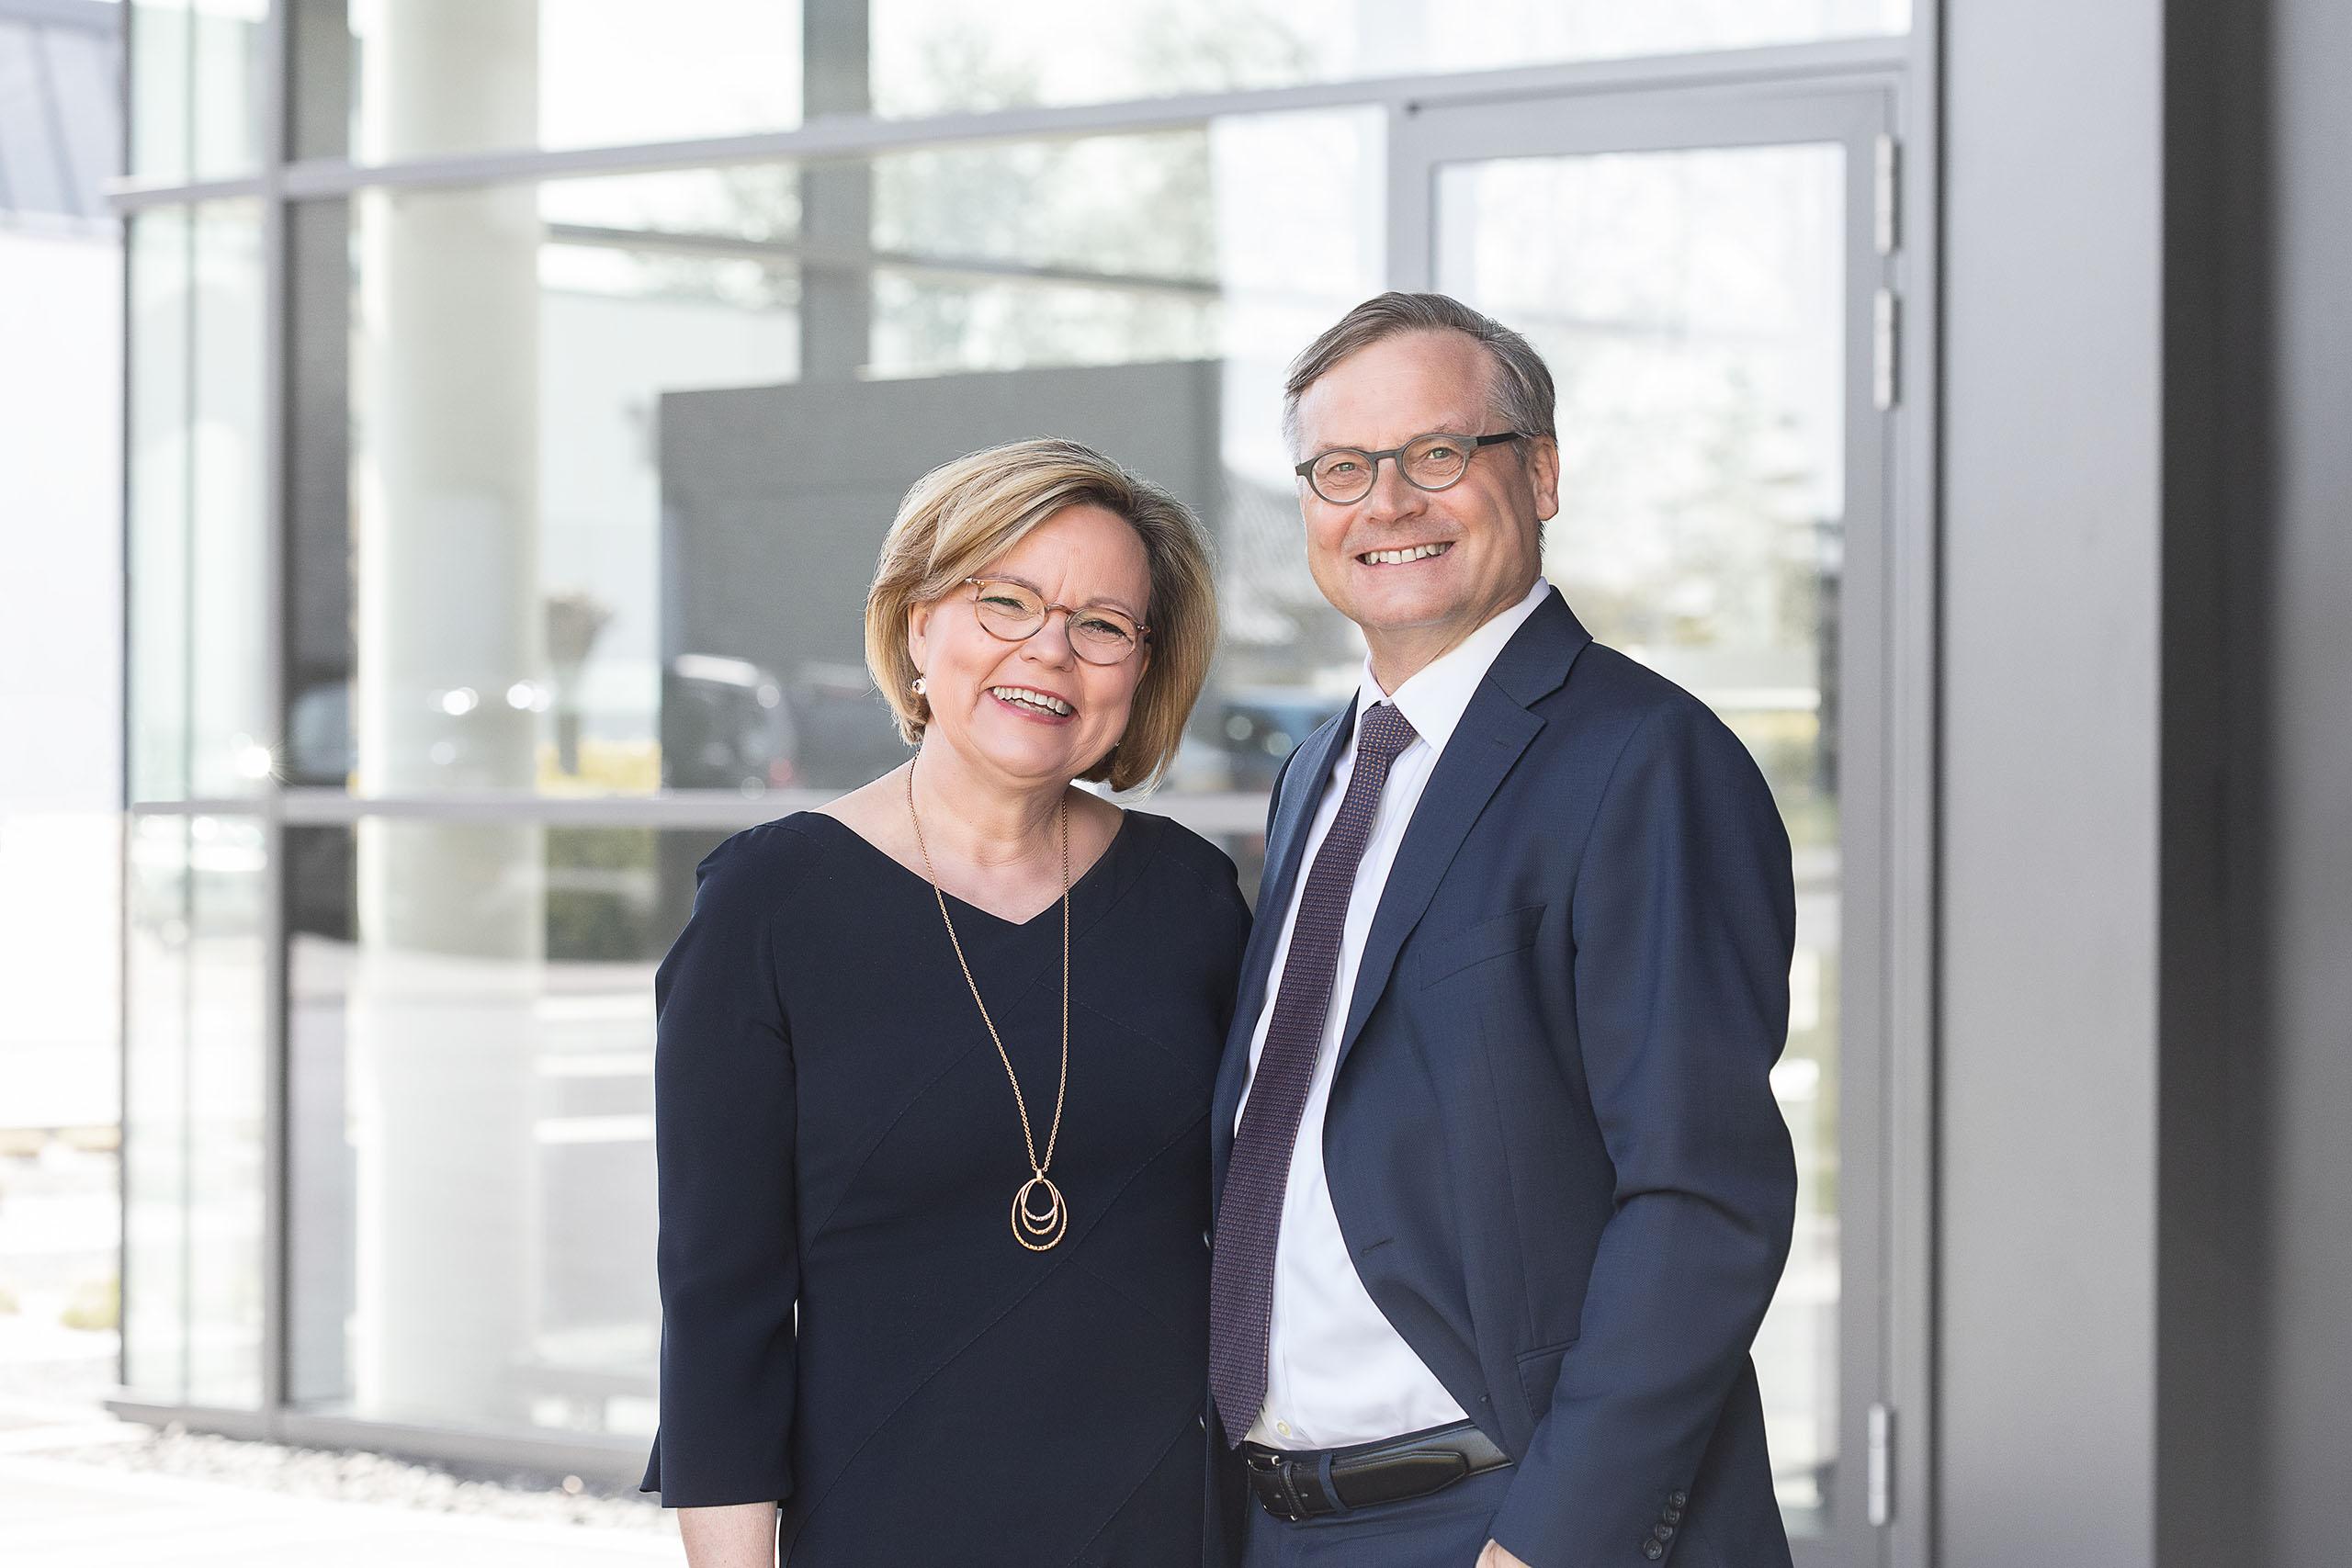 Managing partners: Ines Oberberg-Schnittke and Dr. Jürgen Schnittke